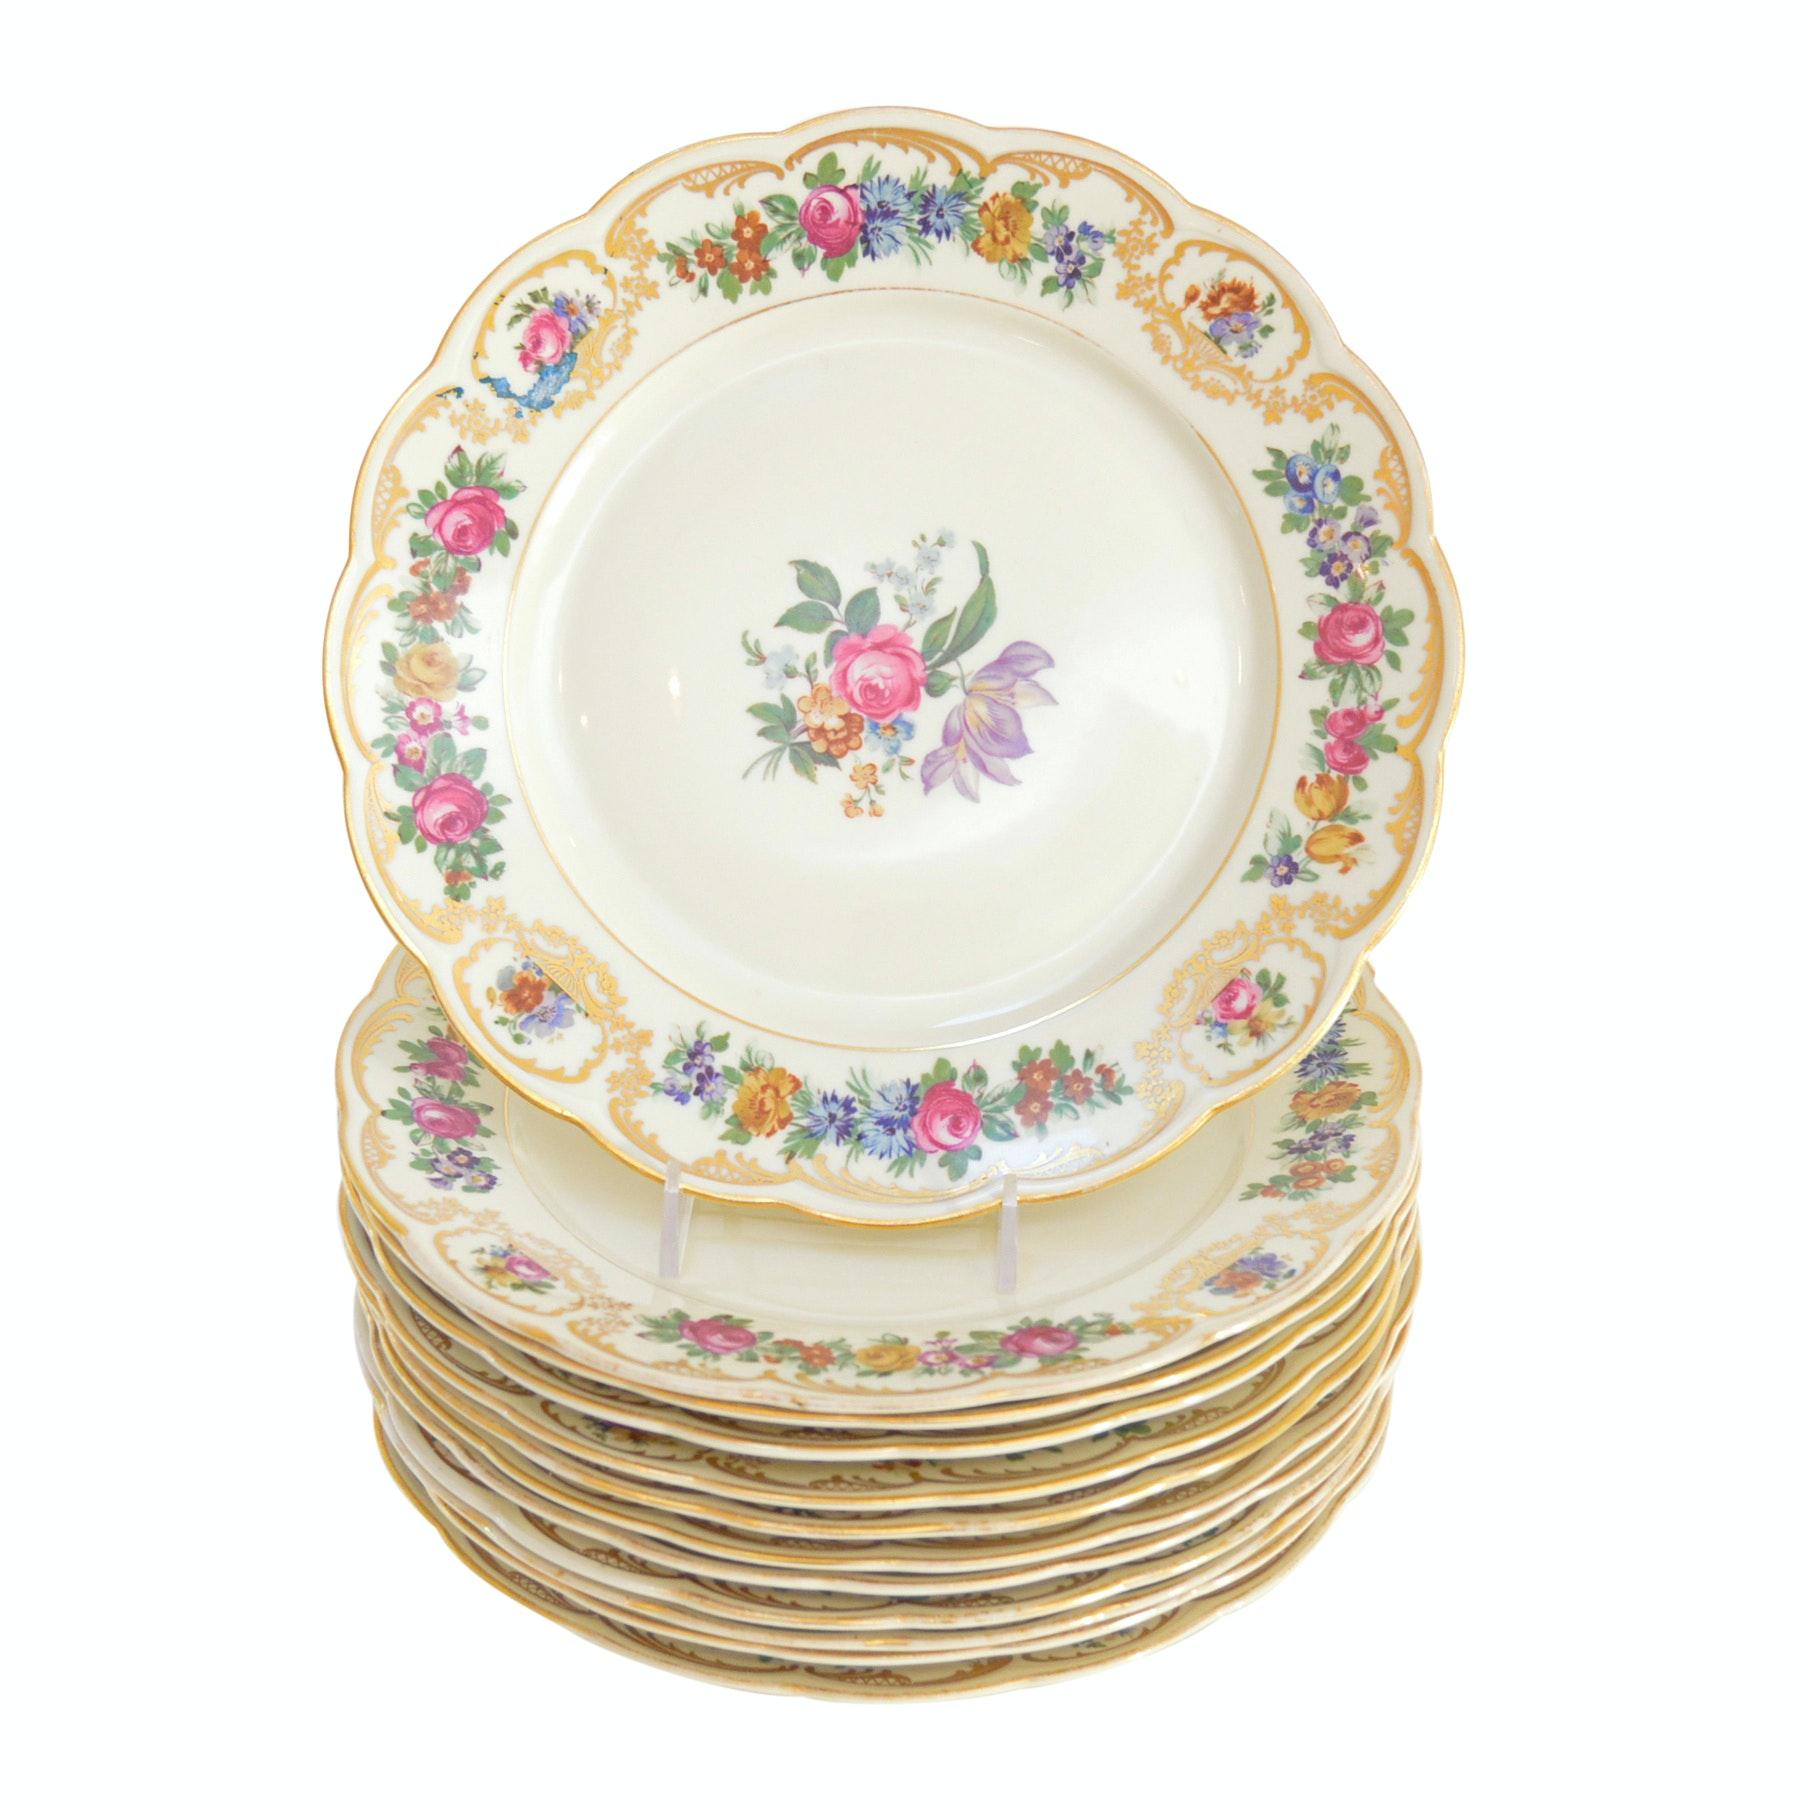 Set of Bavarian Royal Bayreuth Bone China Plates